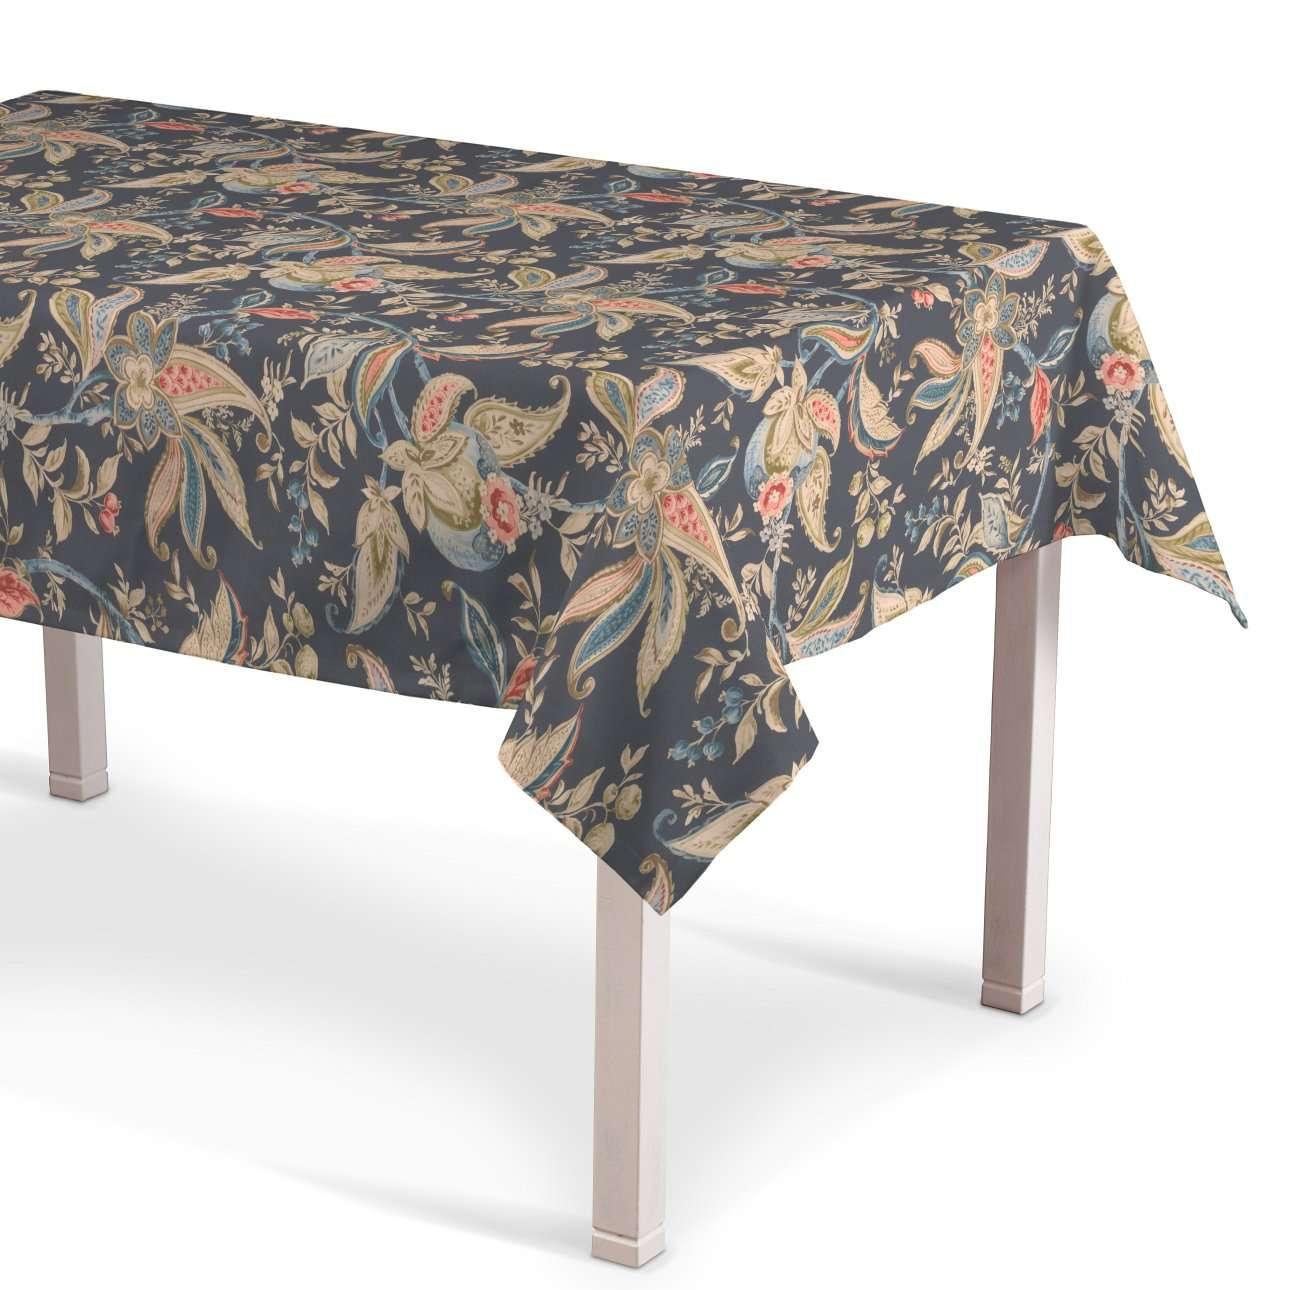 Rechteckige Tischdecke, anthrazit-braun, 130 × 180 cm, Gardenia | Heimtextilien > Tischdecken und Co | Dekoria